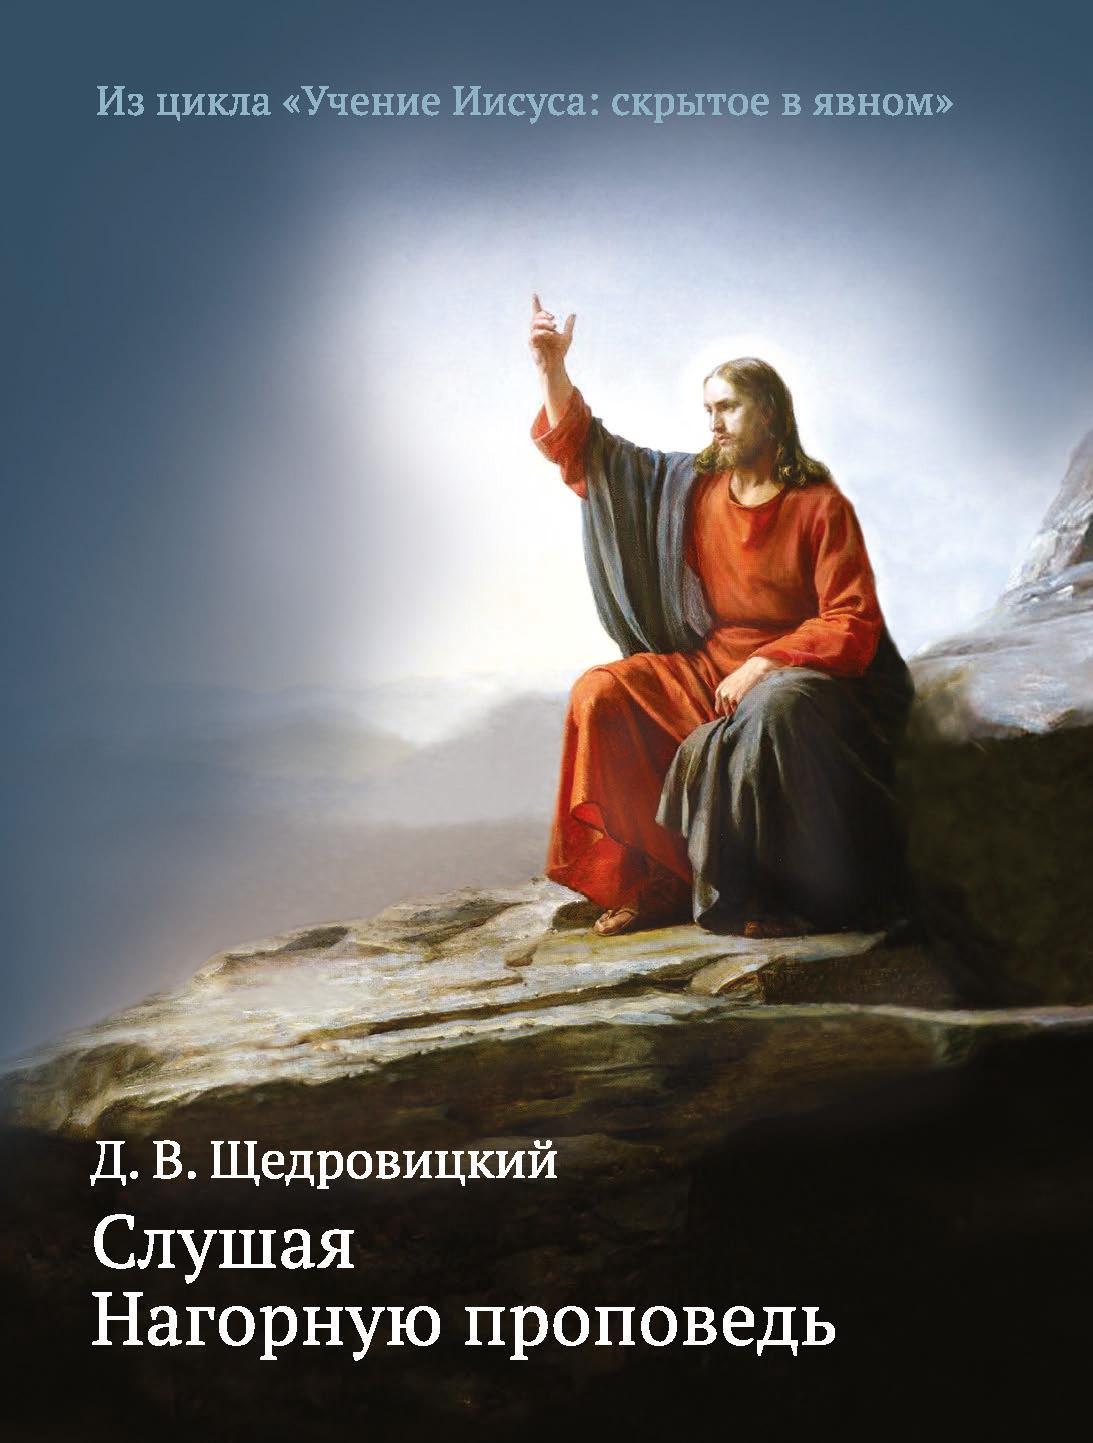 Слушая Нагорную проповедь ( Дмитрий Щедровицкий  )